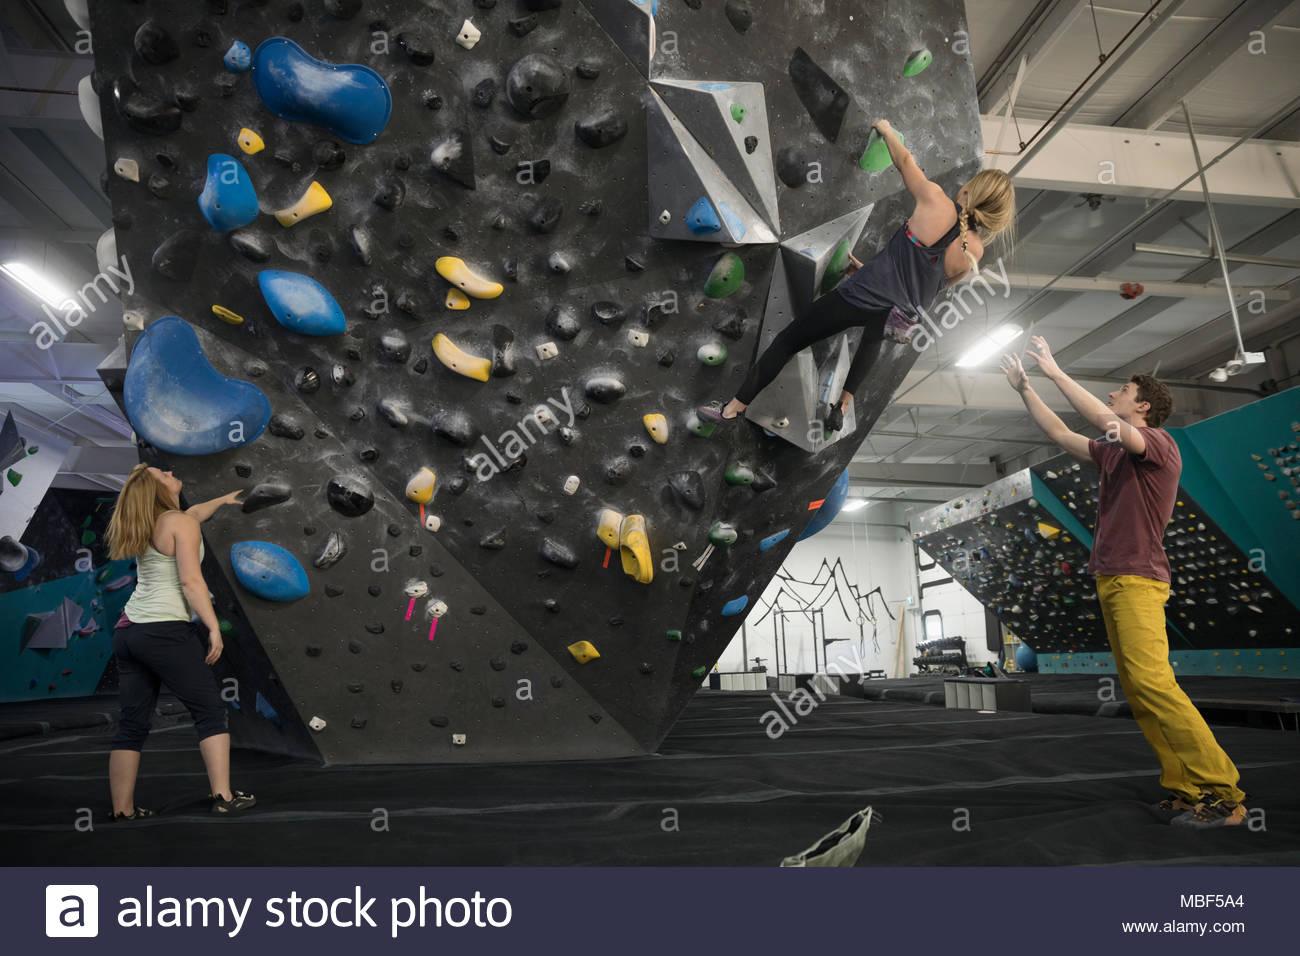 Rock climber spotting partner mur d'escalade en salle d'escalade Photo Stock